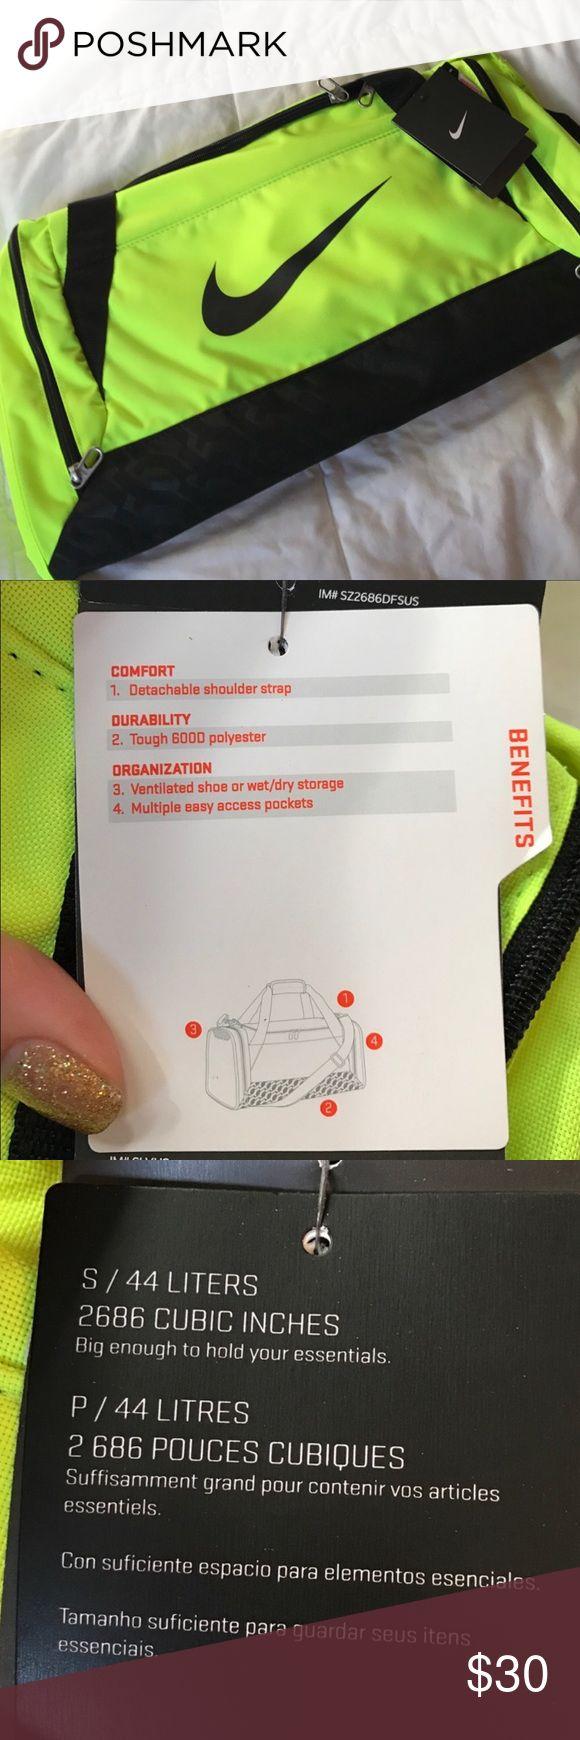 detailing b35a5 3e36f nike bags gym sack poshmark - hartvignissen.com 220dc9507b